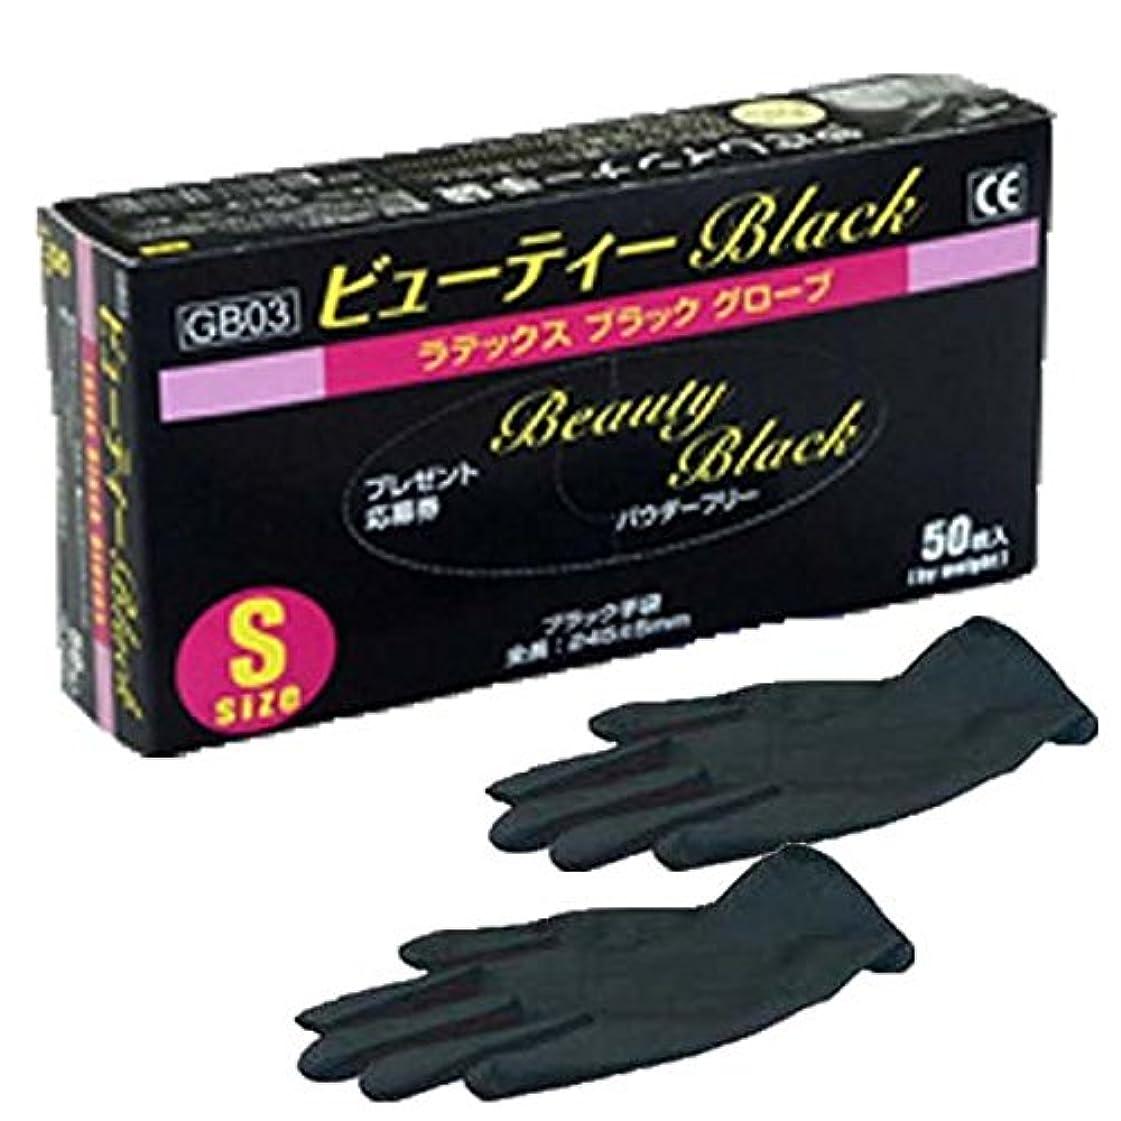 事業内容ブラケット神秘ビューティー BLACK ラテックス ブラック グローブ Sサイズ(6.5~7吋) 50枚入り